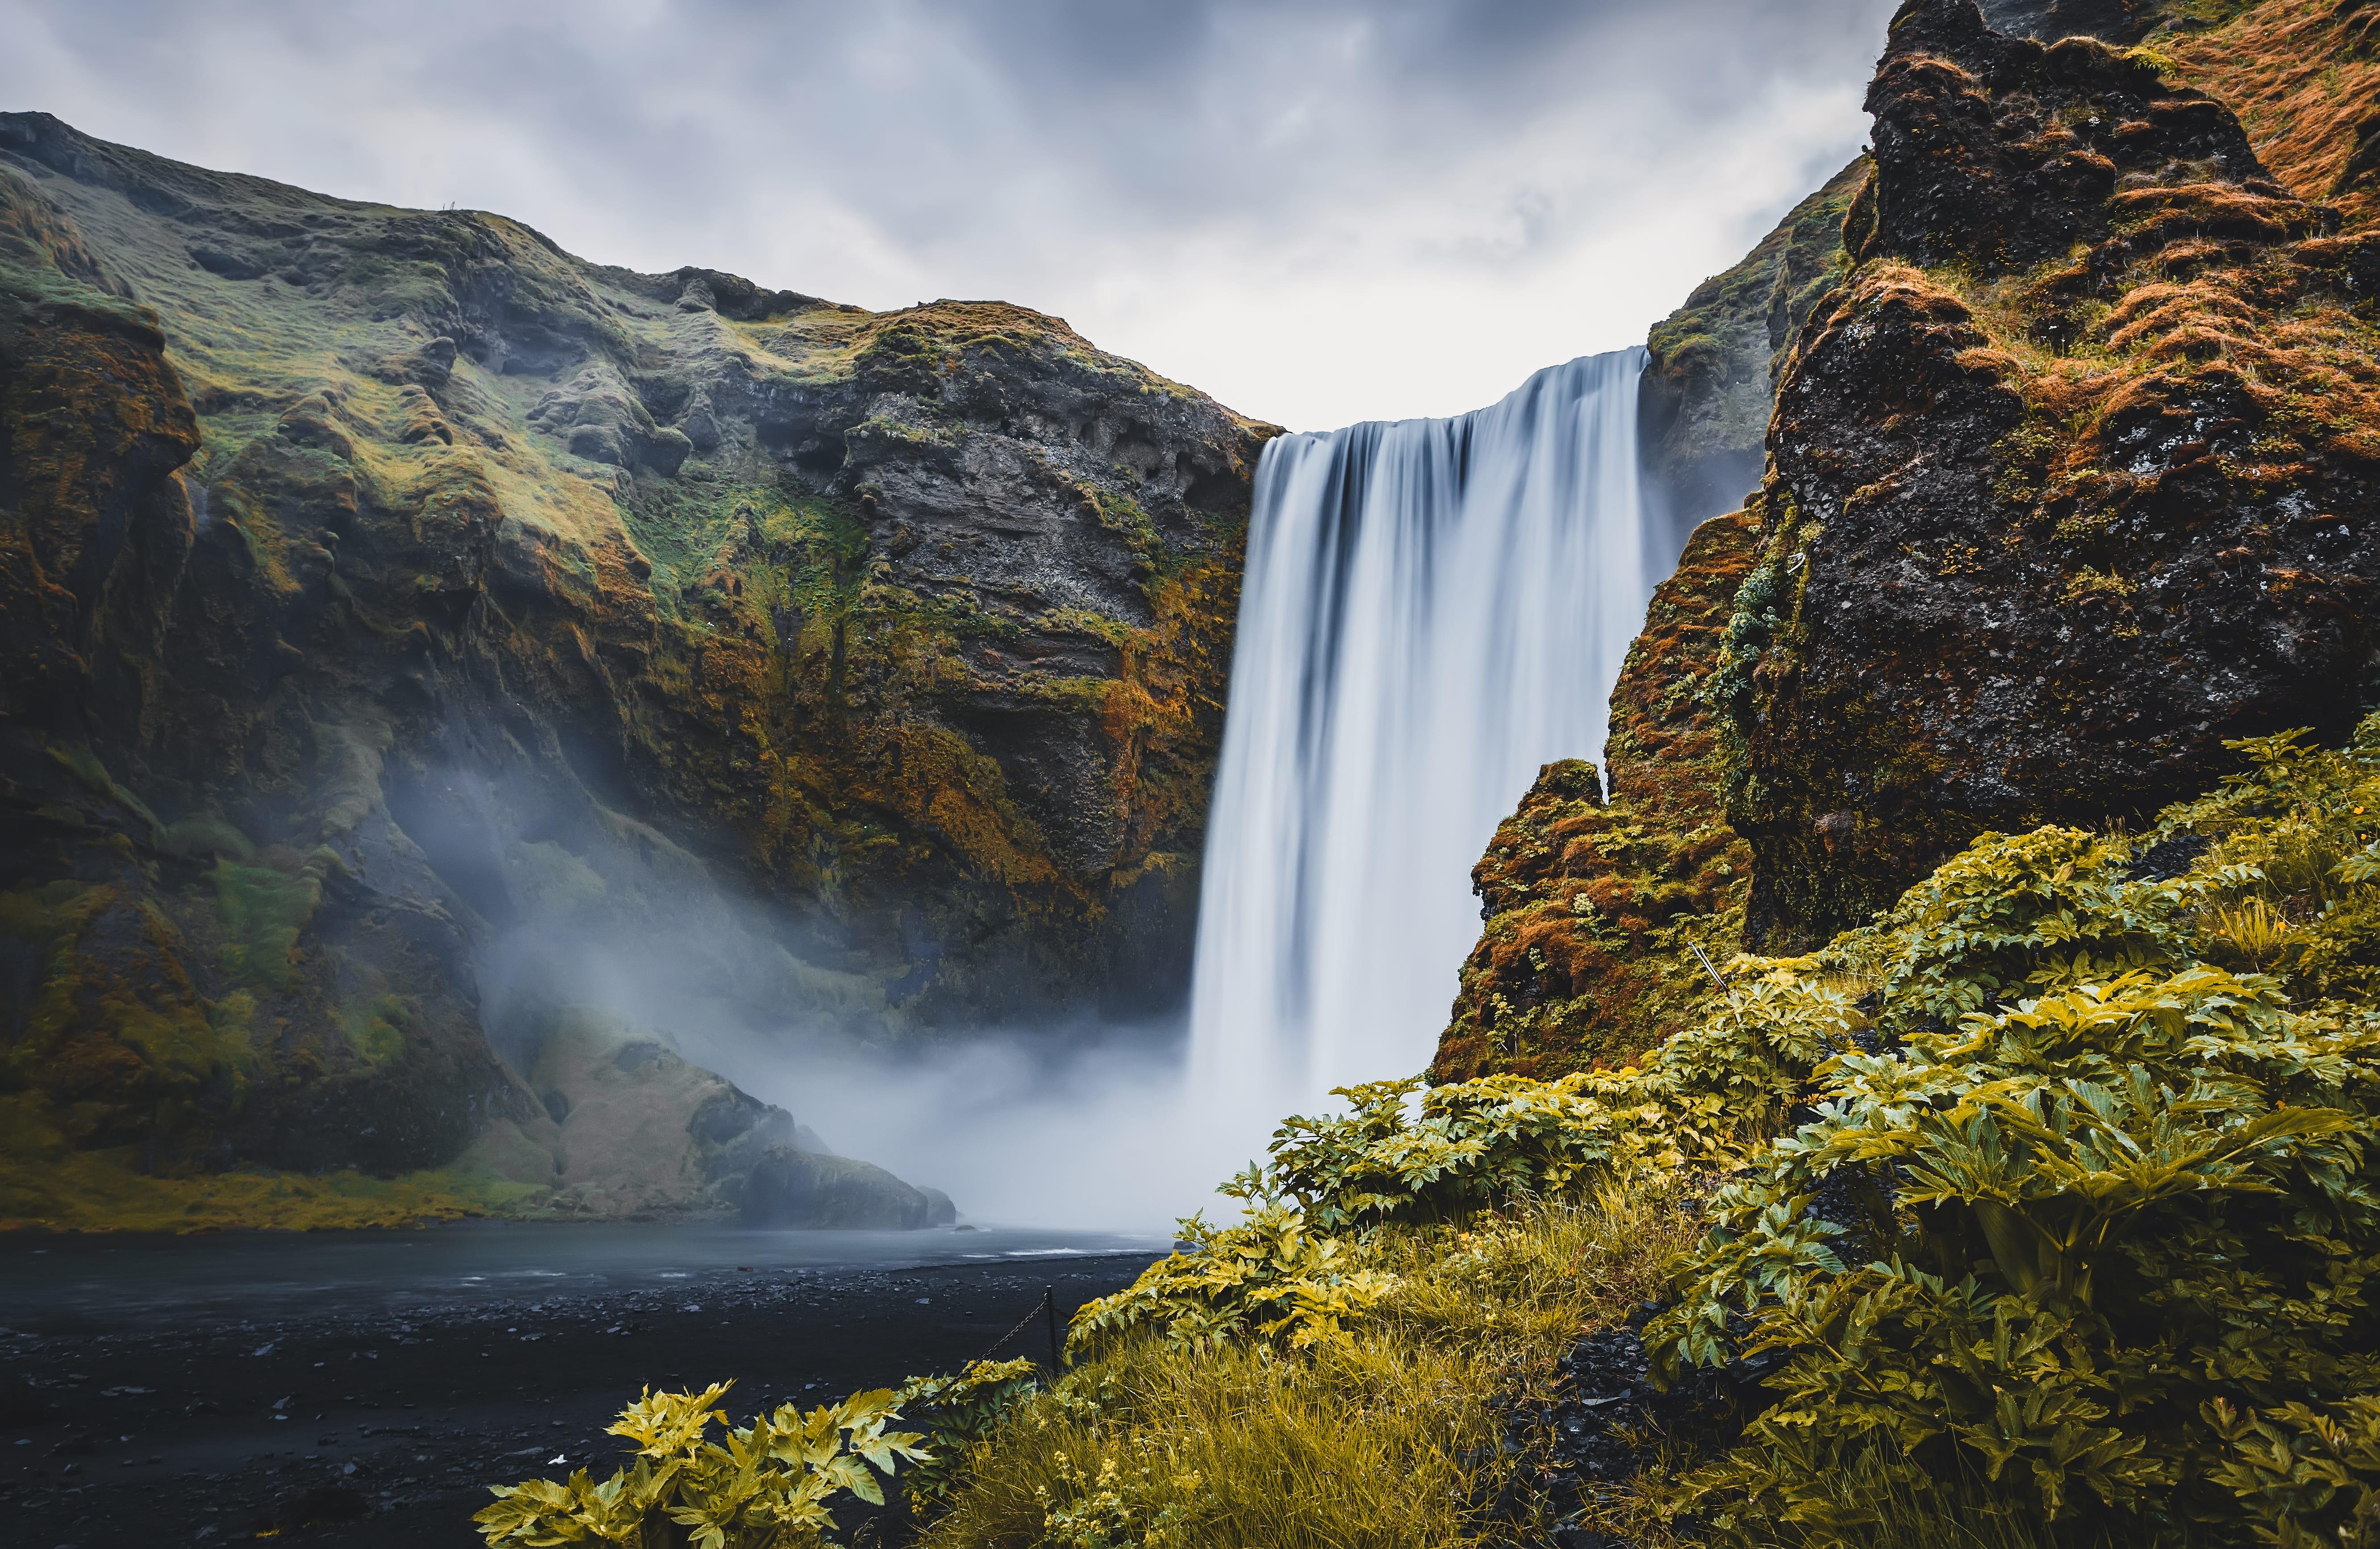 Skógarfoss Waterfall view